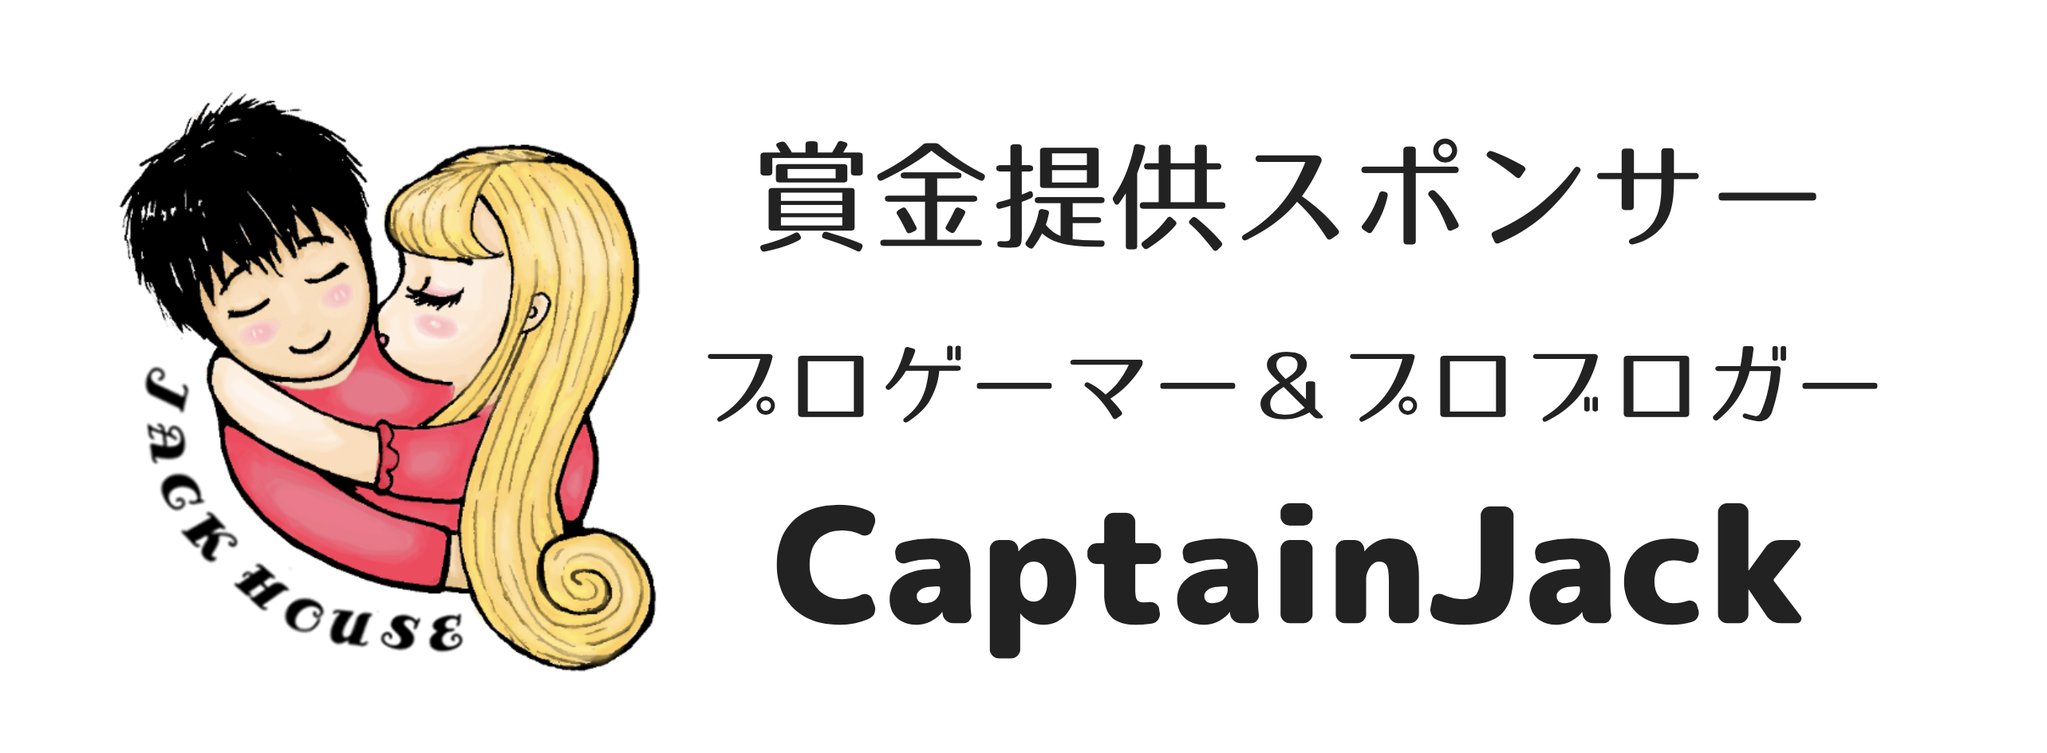 賞金提供スポンサー CaptainJack